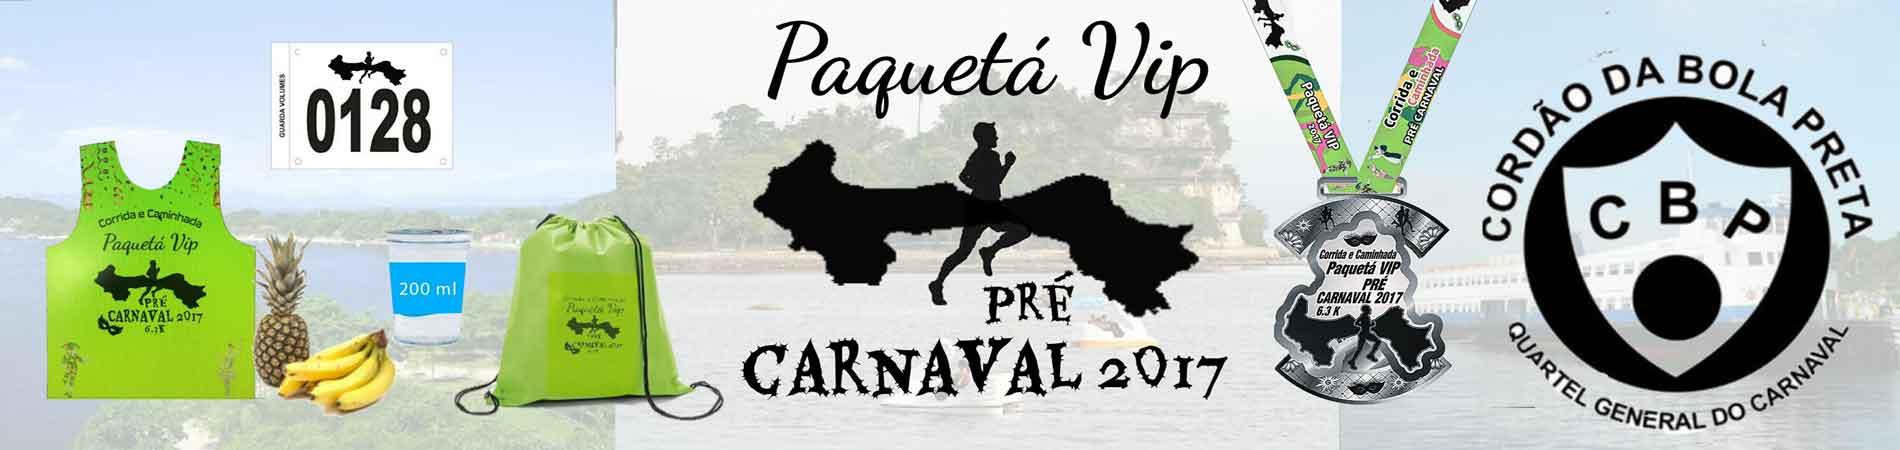 CORRIDA E CAMINHADA PAQUETÁ VIP PRÉ CARNAVAL 2017 - Imagem de topo